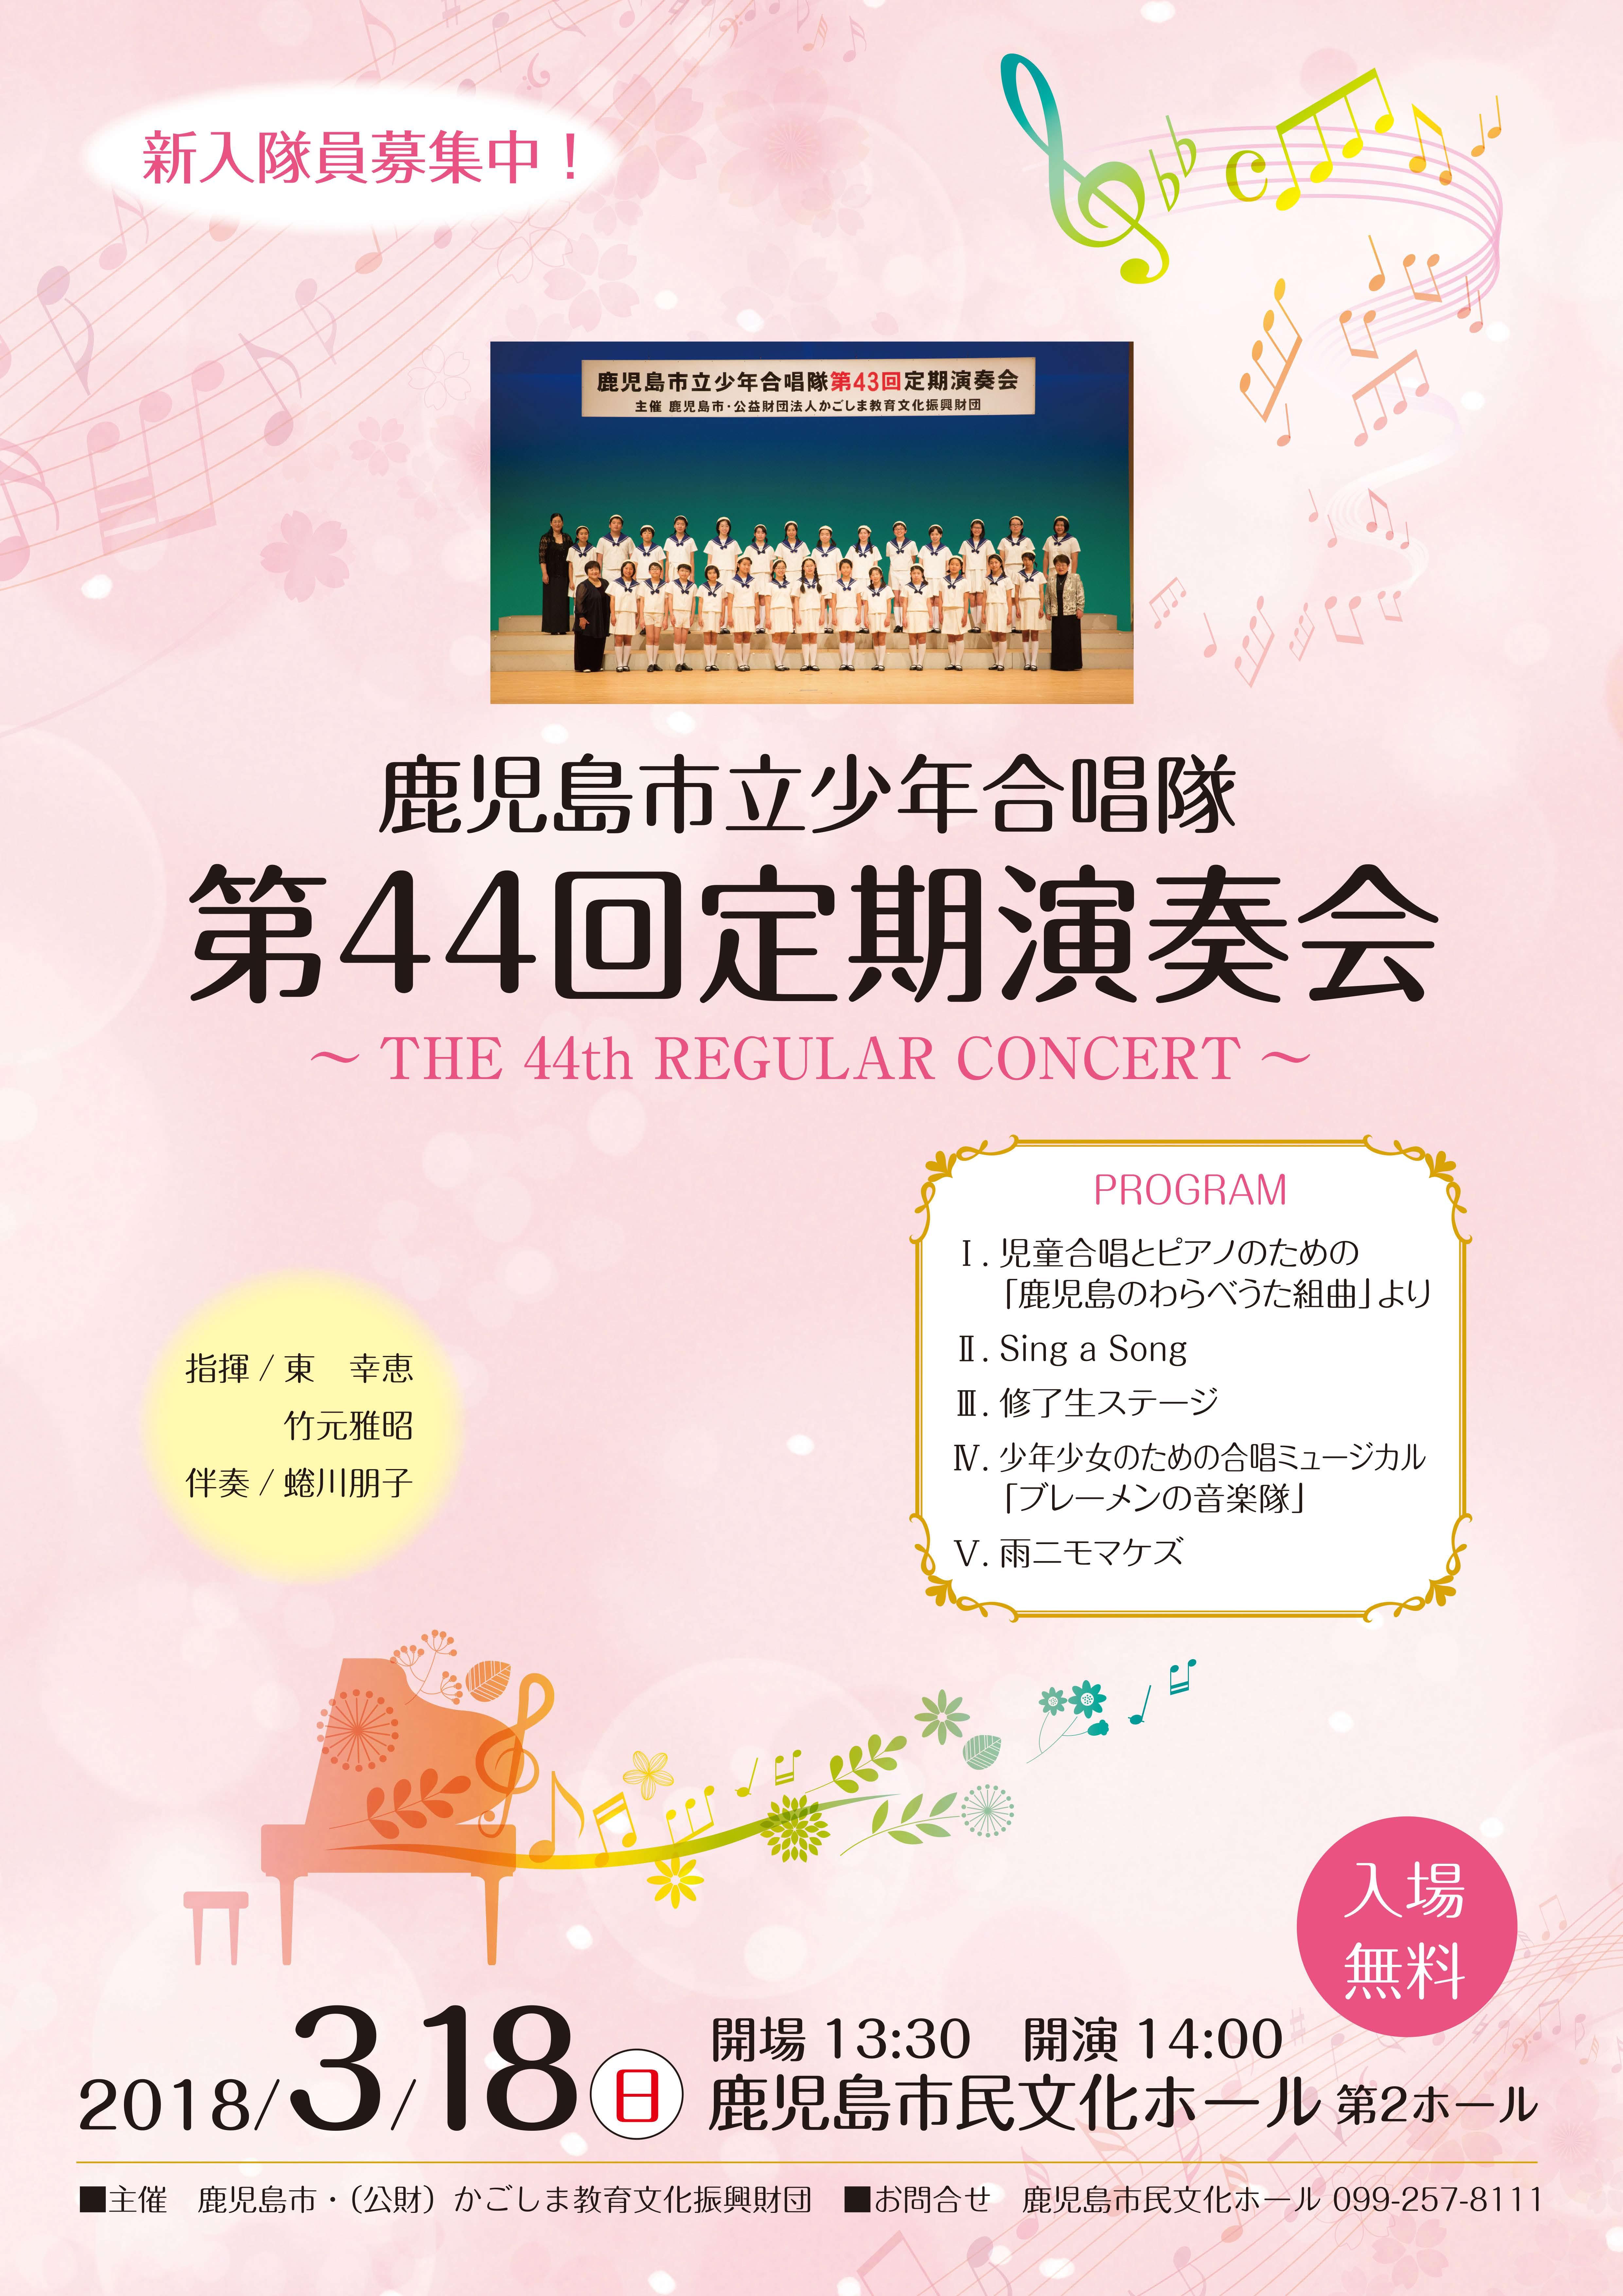 鹿児島市立少年合唱隊 第44回定期演奏会 2018.03.18